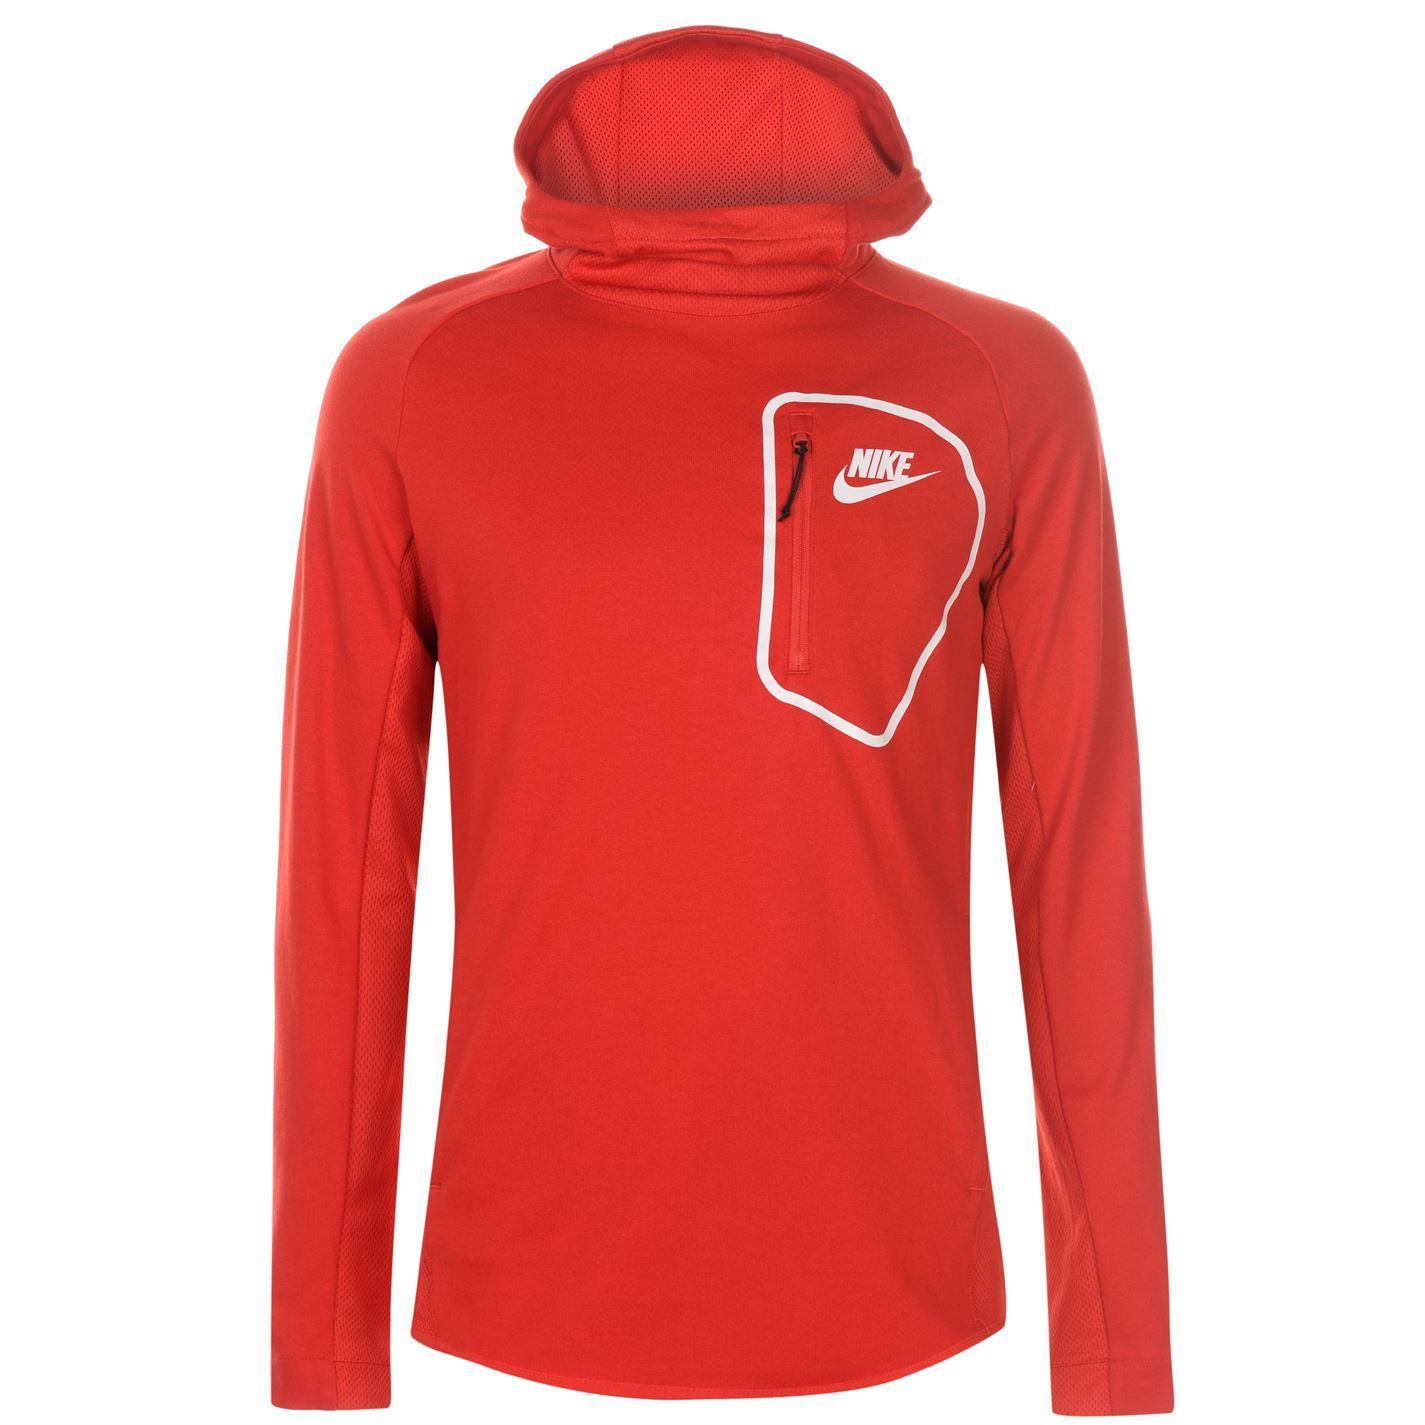 Nike-AV15-Fleece-Pullover-Hoody-Mens-OTH-Hoodie-Sweatshirt-Sweater-Hooded-Top thumbnail 6